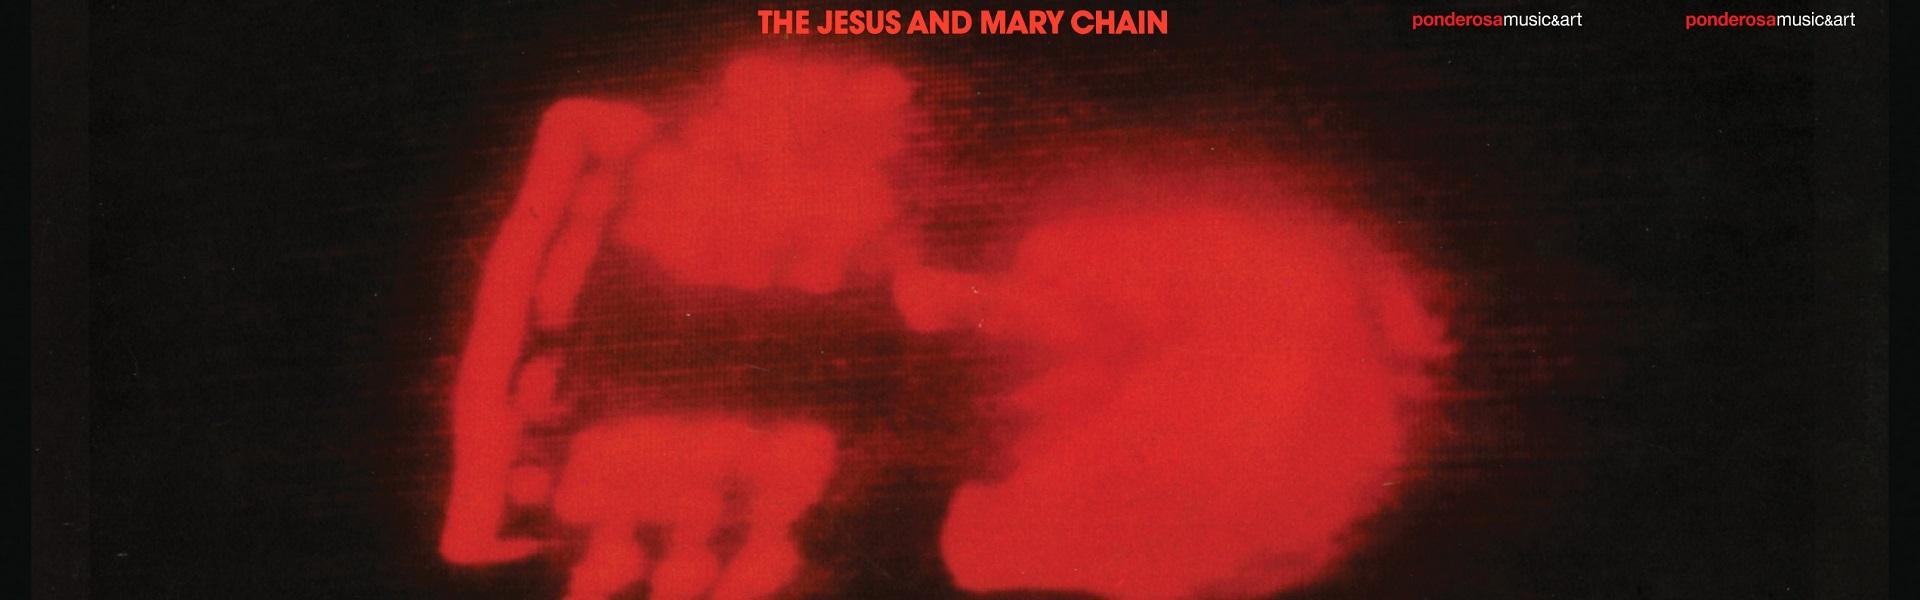 mailticket_the_jesus_and_mary_chain_23-febbraio-2021_alcatraz_milano_biglietti